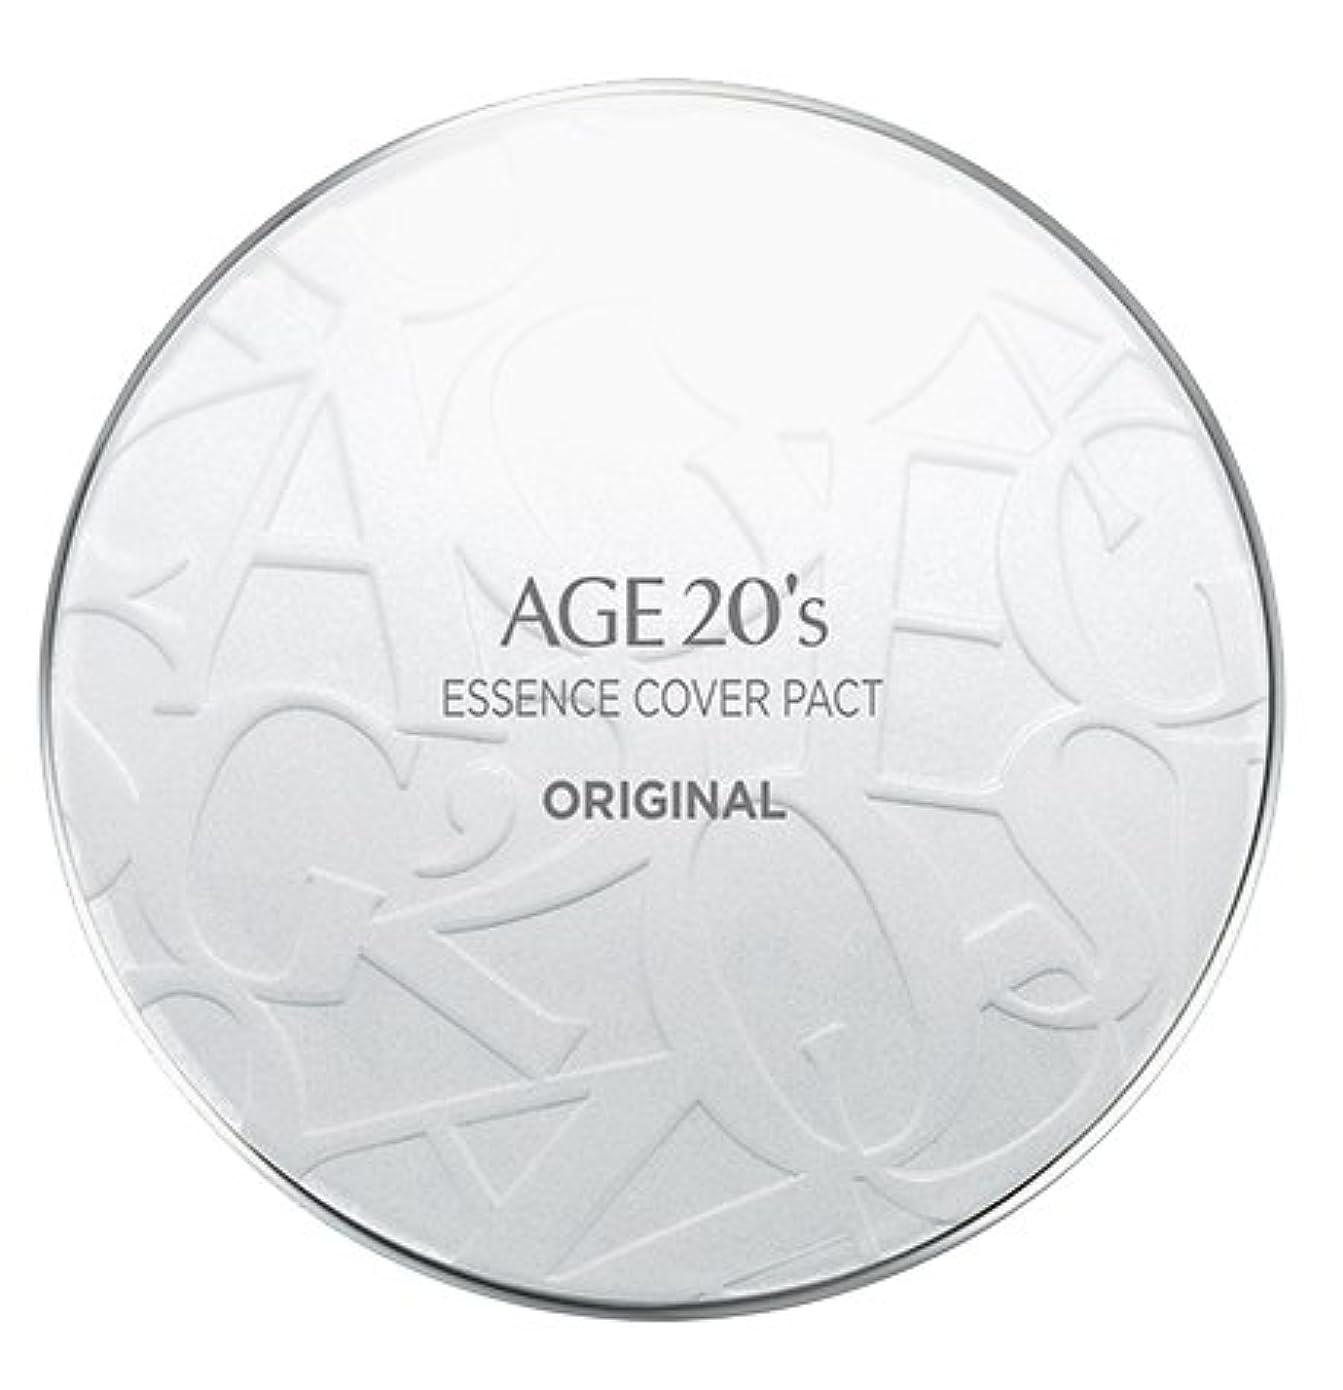 シリーズスペクトラム蓮AGE 20's Essence Cover Pact Original [White Latte] 12.5g + Refill 12.5g (#21)/エイジ 20's エッセンス カバー パクト オリジナル [ホワイトラテ...